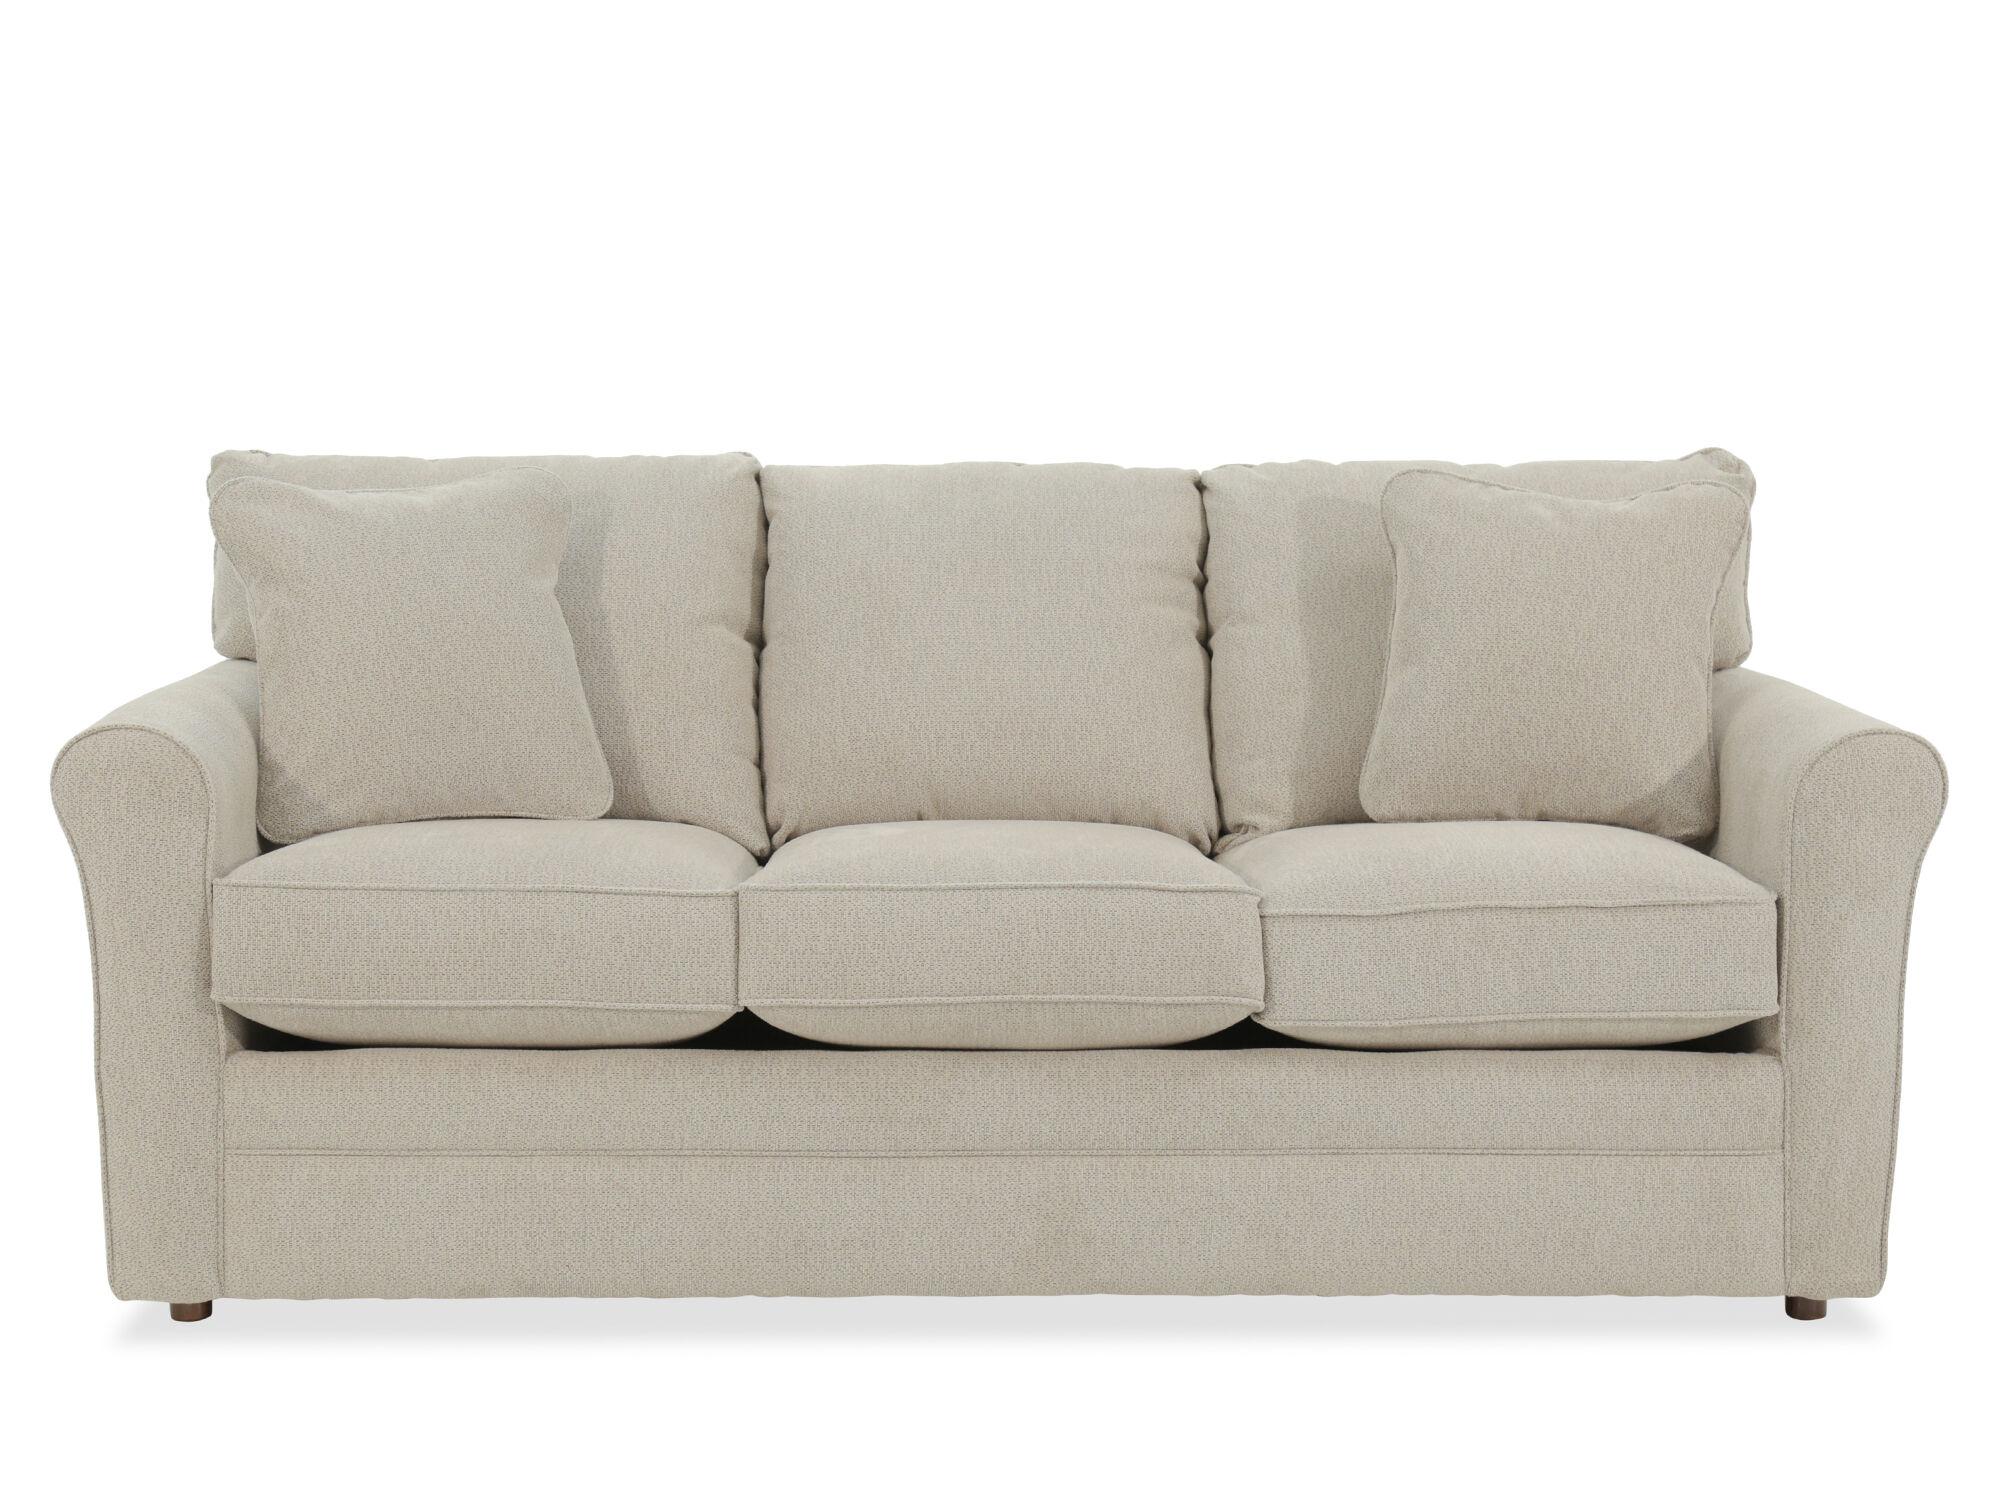 Casual 82u0026quot; Queen Sleeper Sofa ...